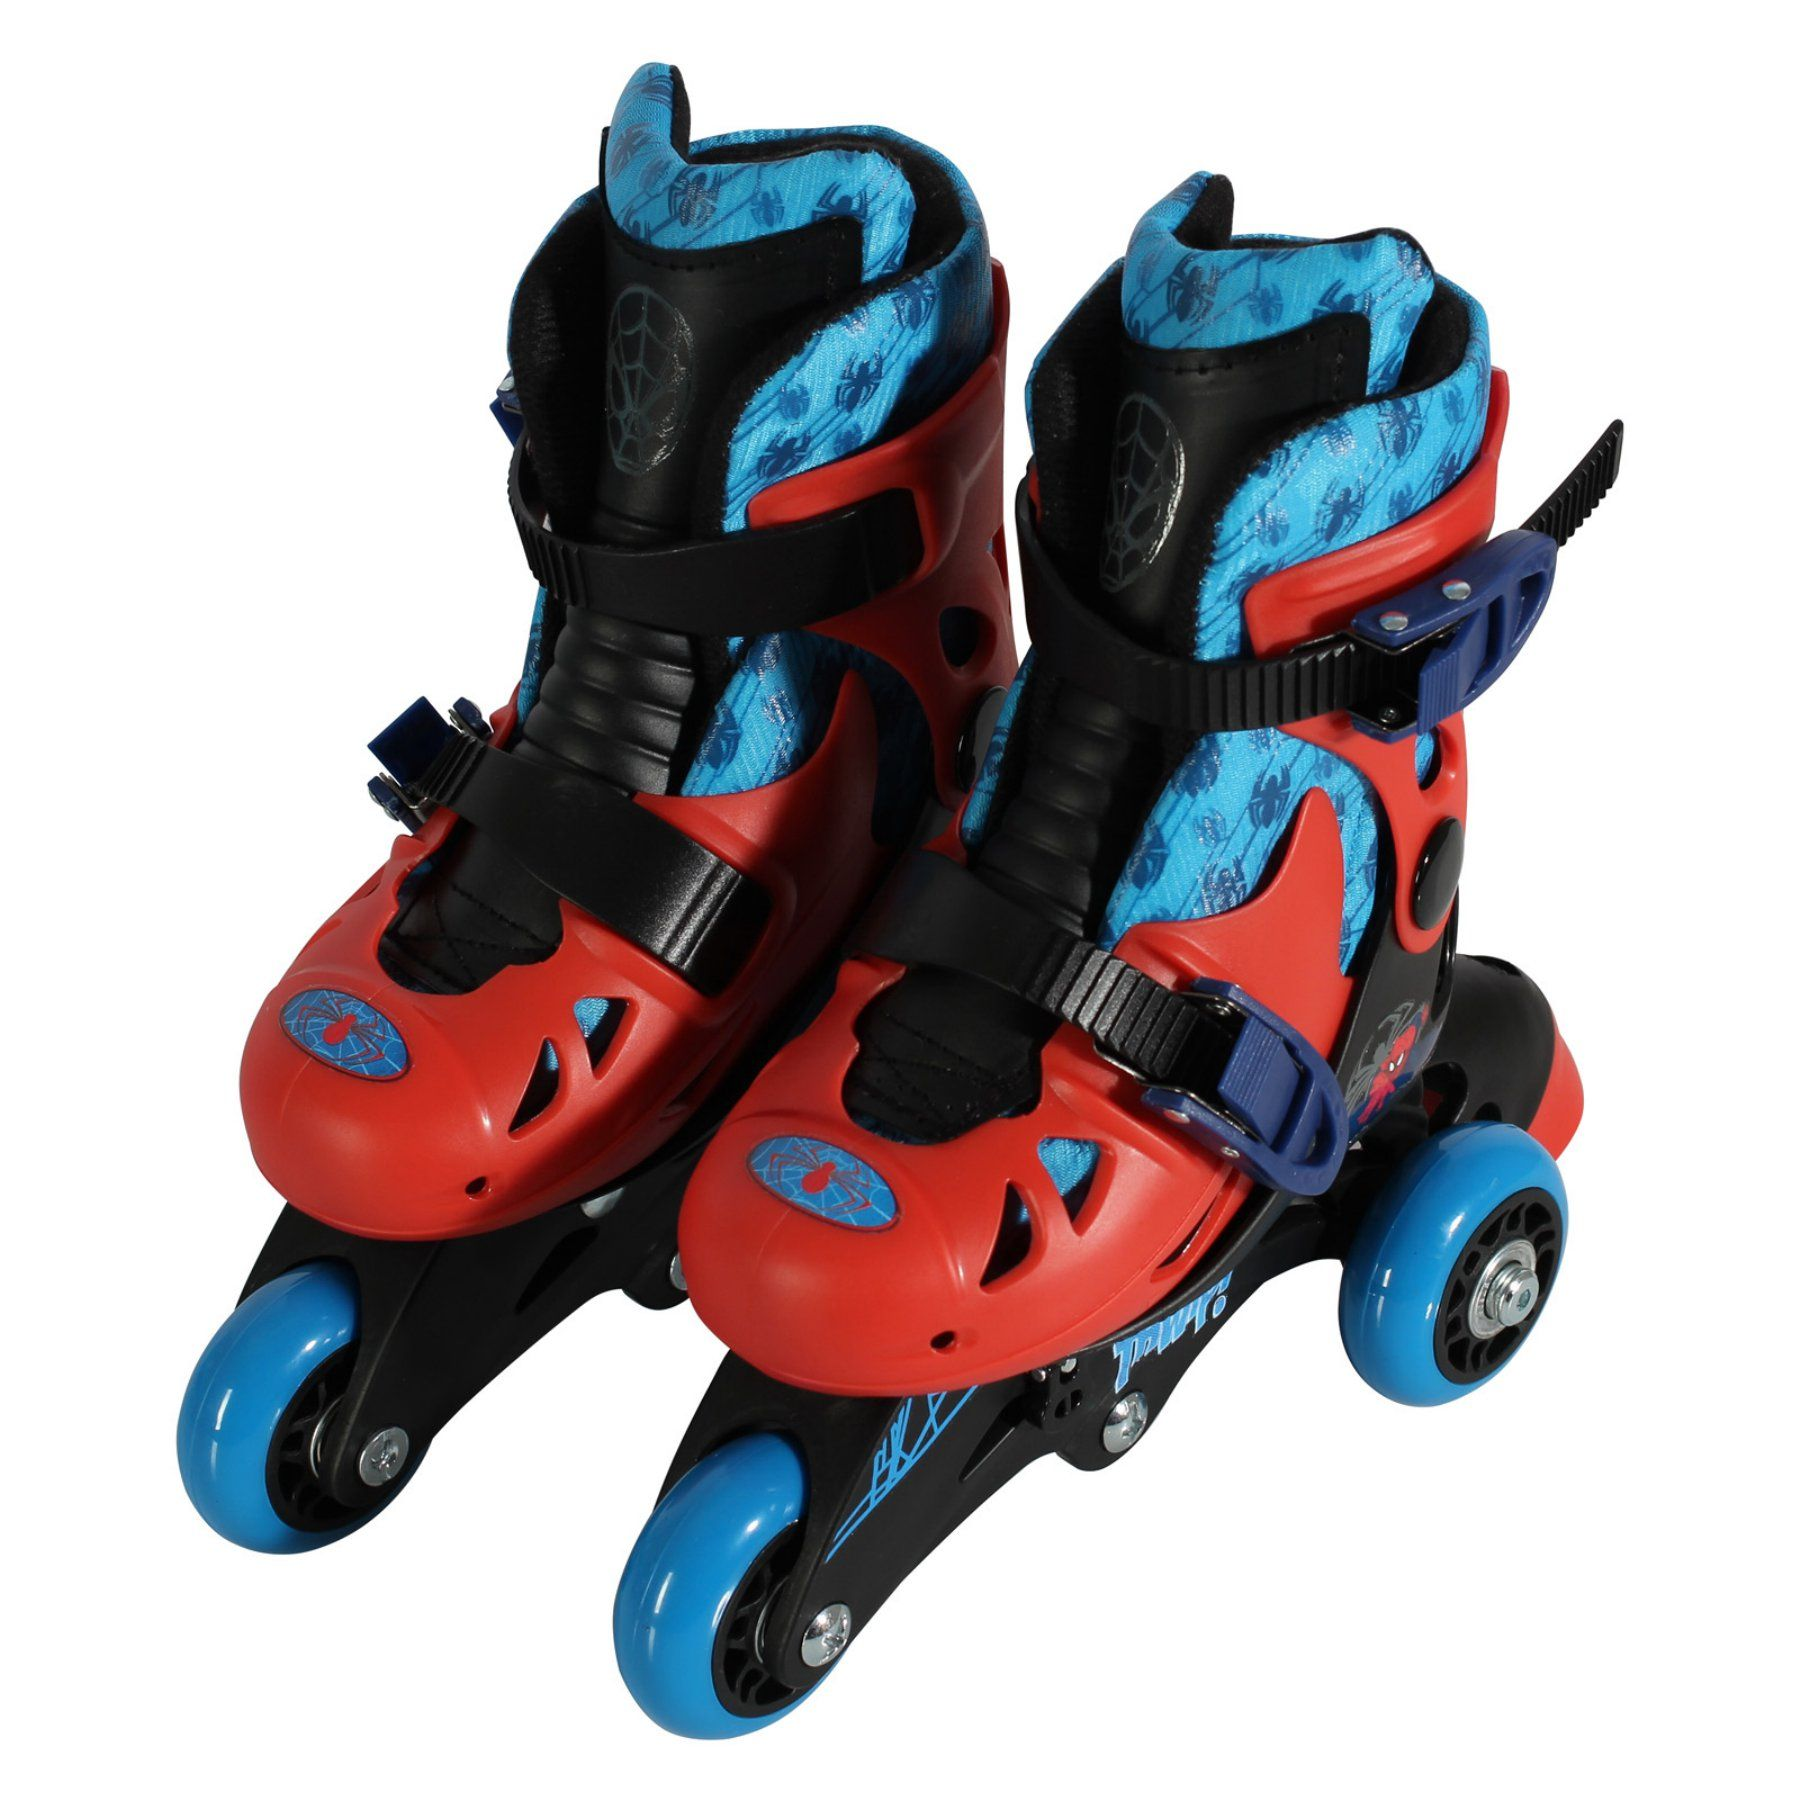 Playwheels ultimate spiderman kids convertible 2in1